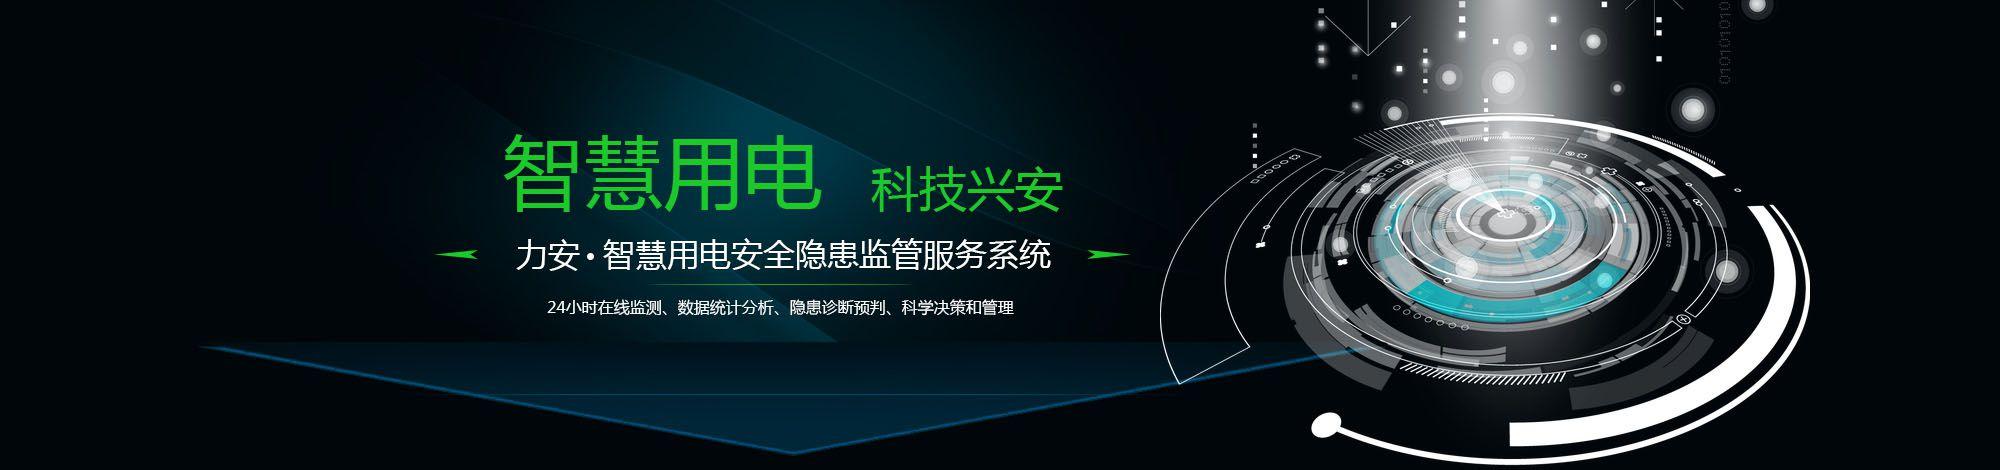 河南力安测控科技有限公司